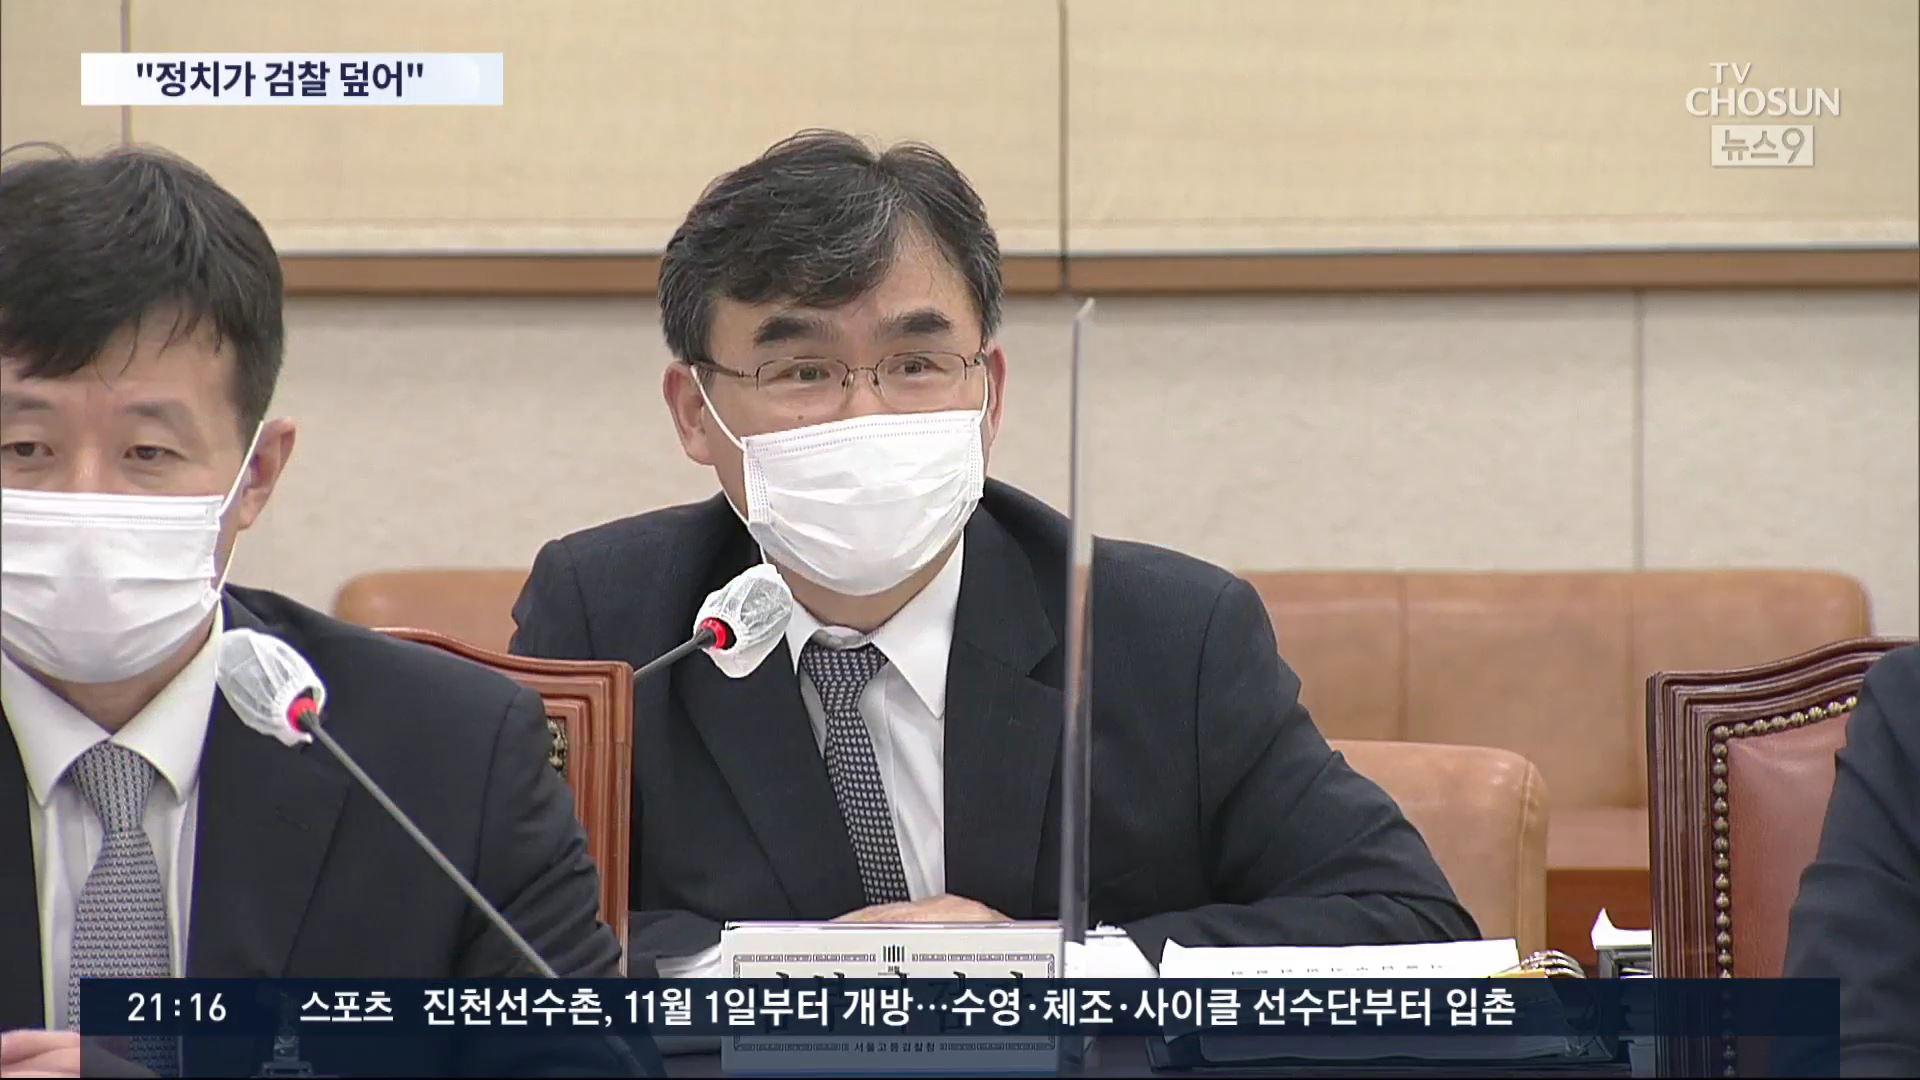 '정치가 검찰 덮어버렸다'…'라임 수사' 남부지검장 사의